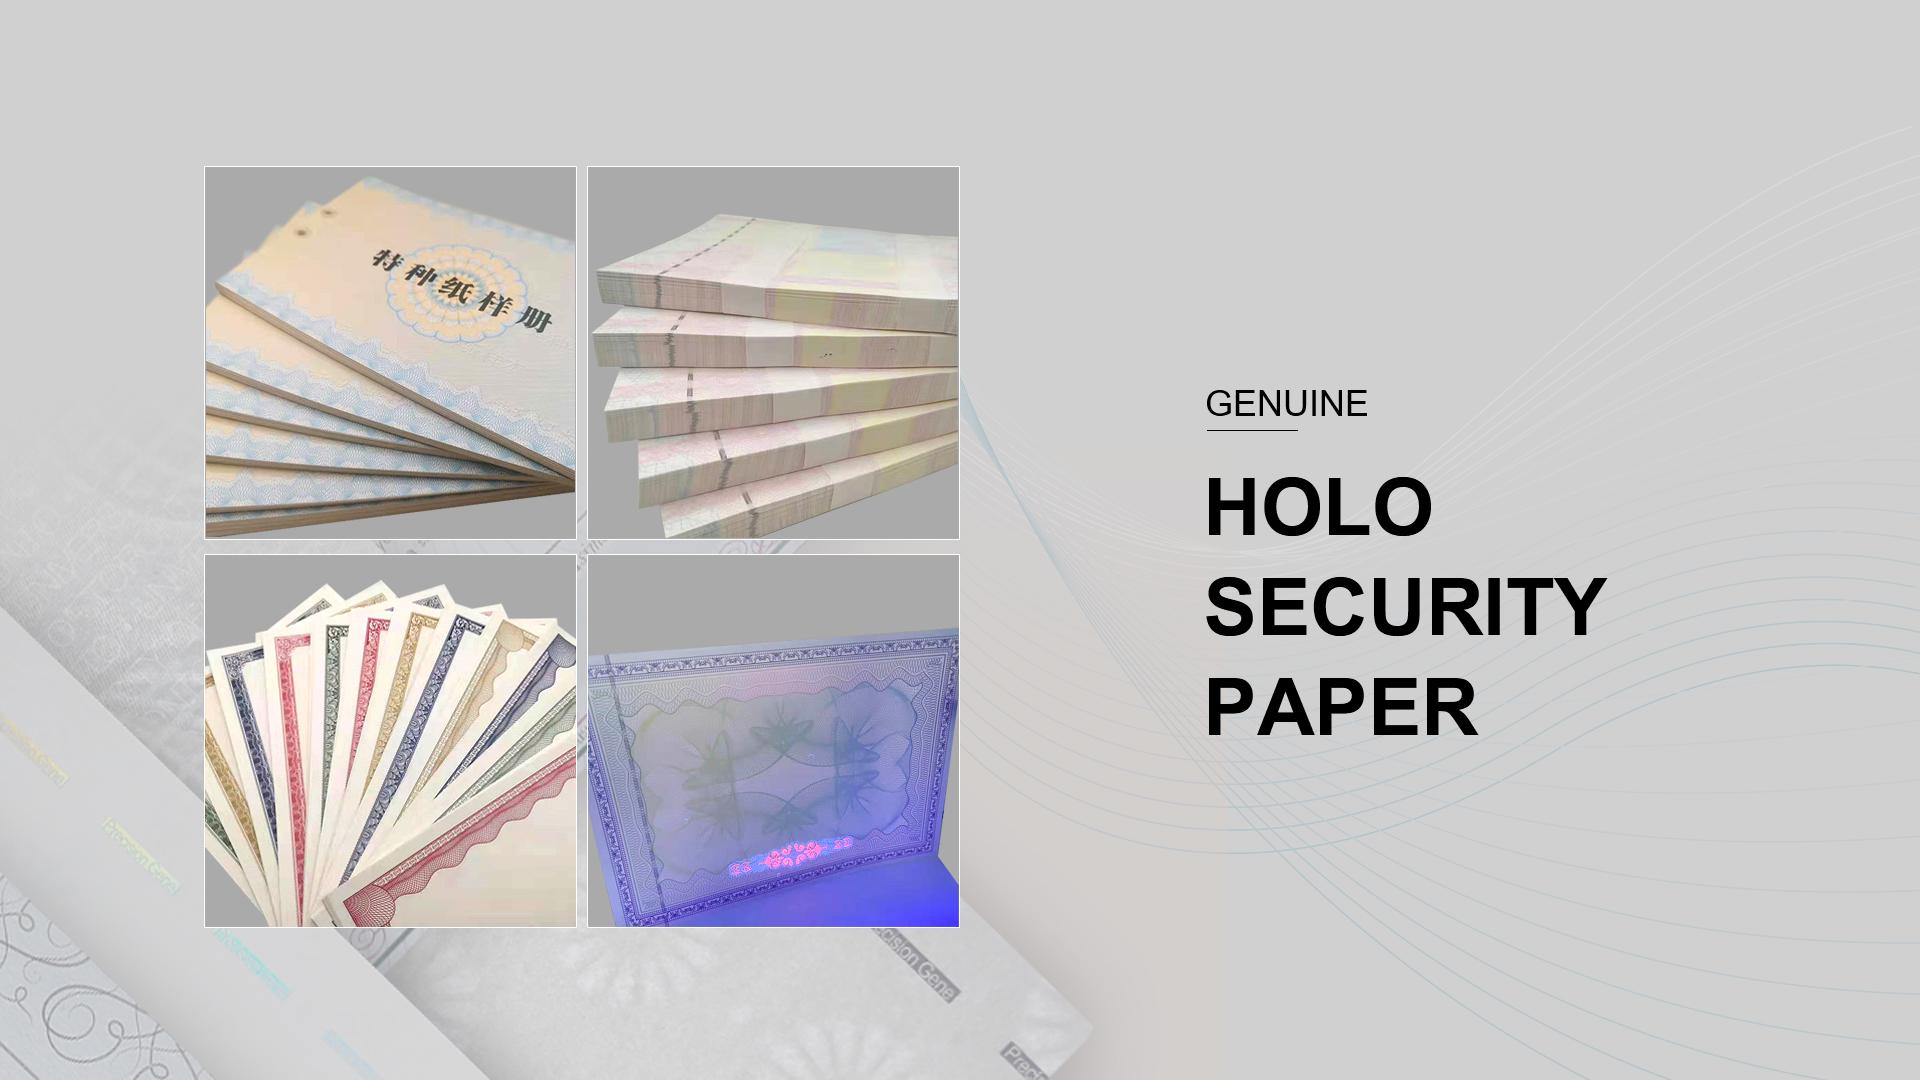 Genuine Security Paper Case02